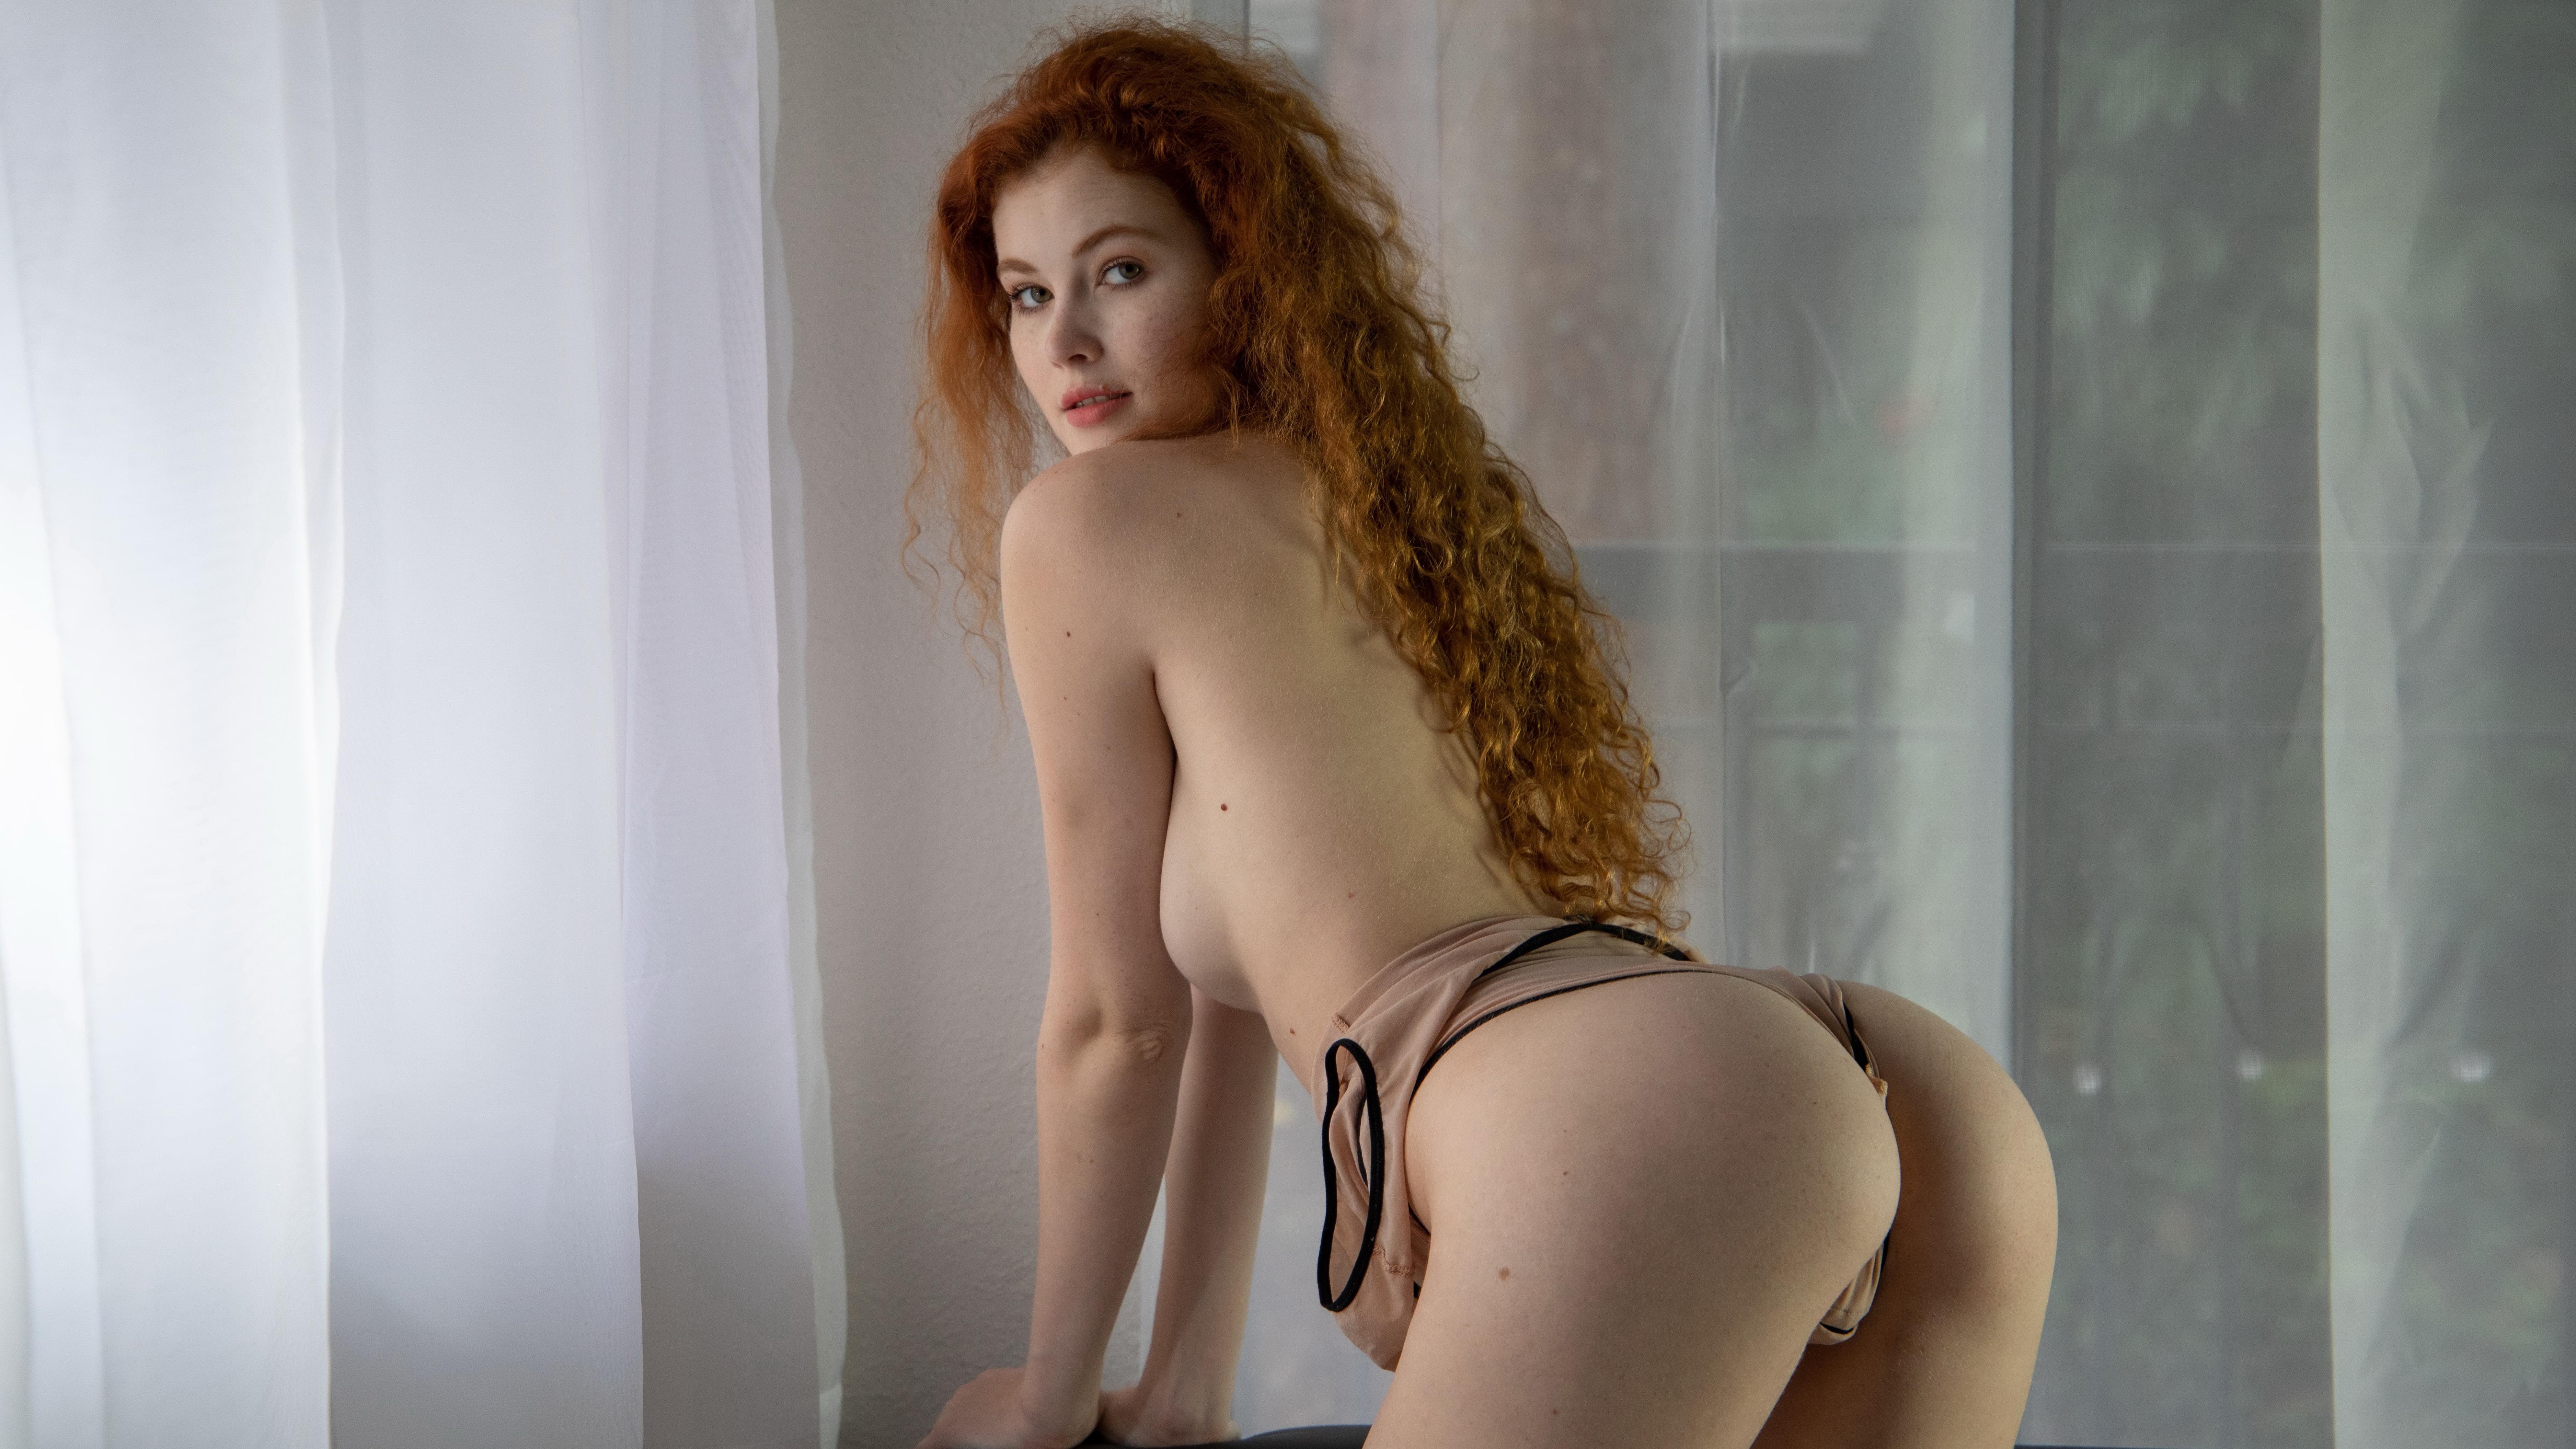 Little very ass fuck